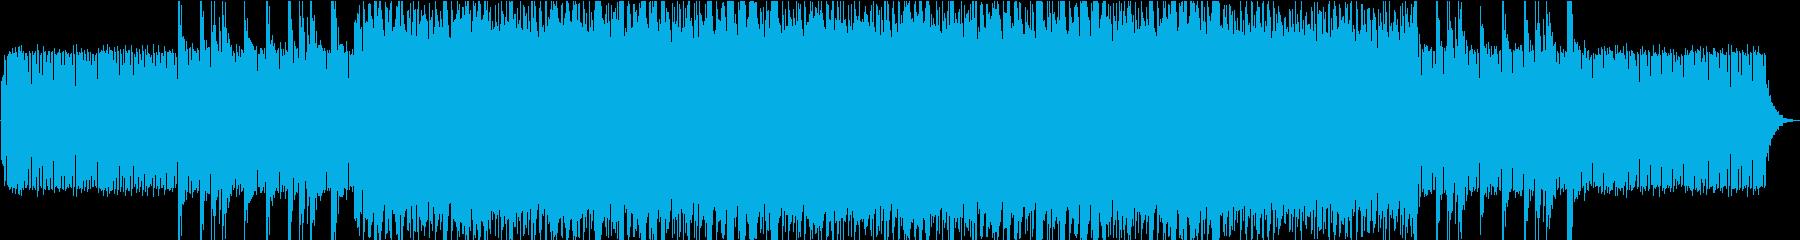 幻想的でミステリアスなダークファンタジーの再生済みの波形